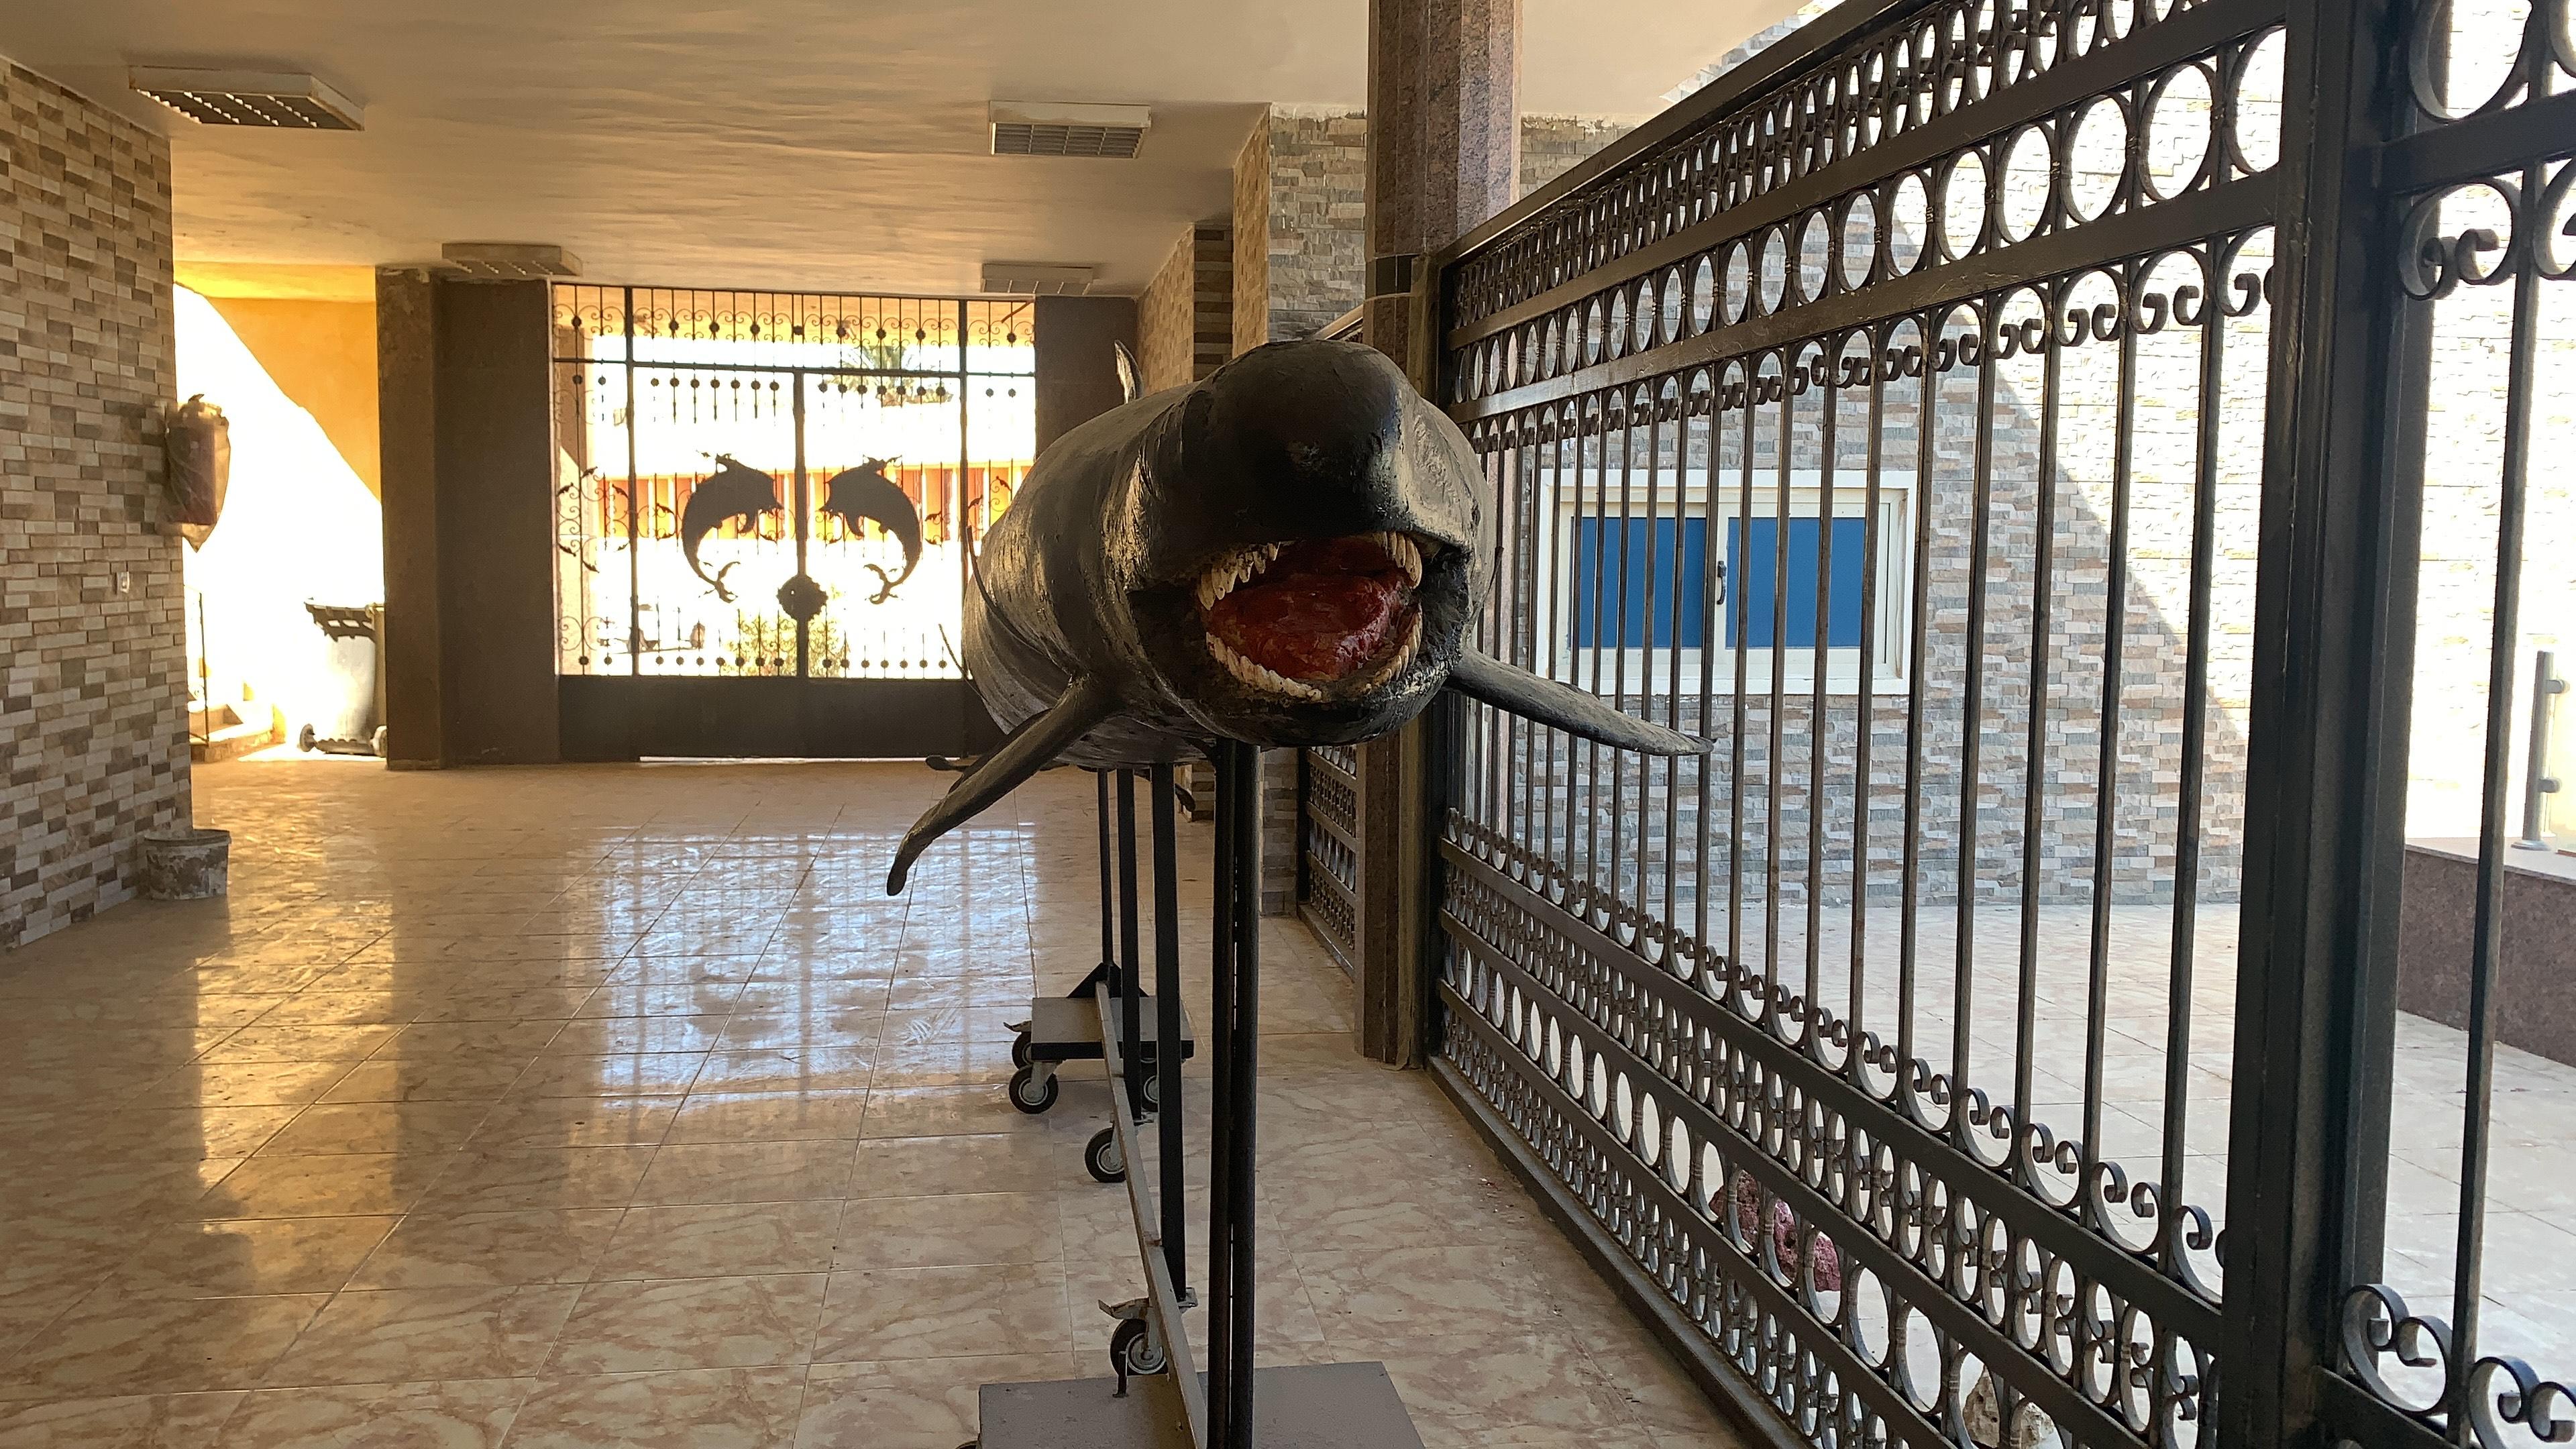 الدولفين القاتل الكاذب بمعهد علوم البحار  (2)